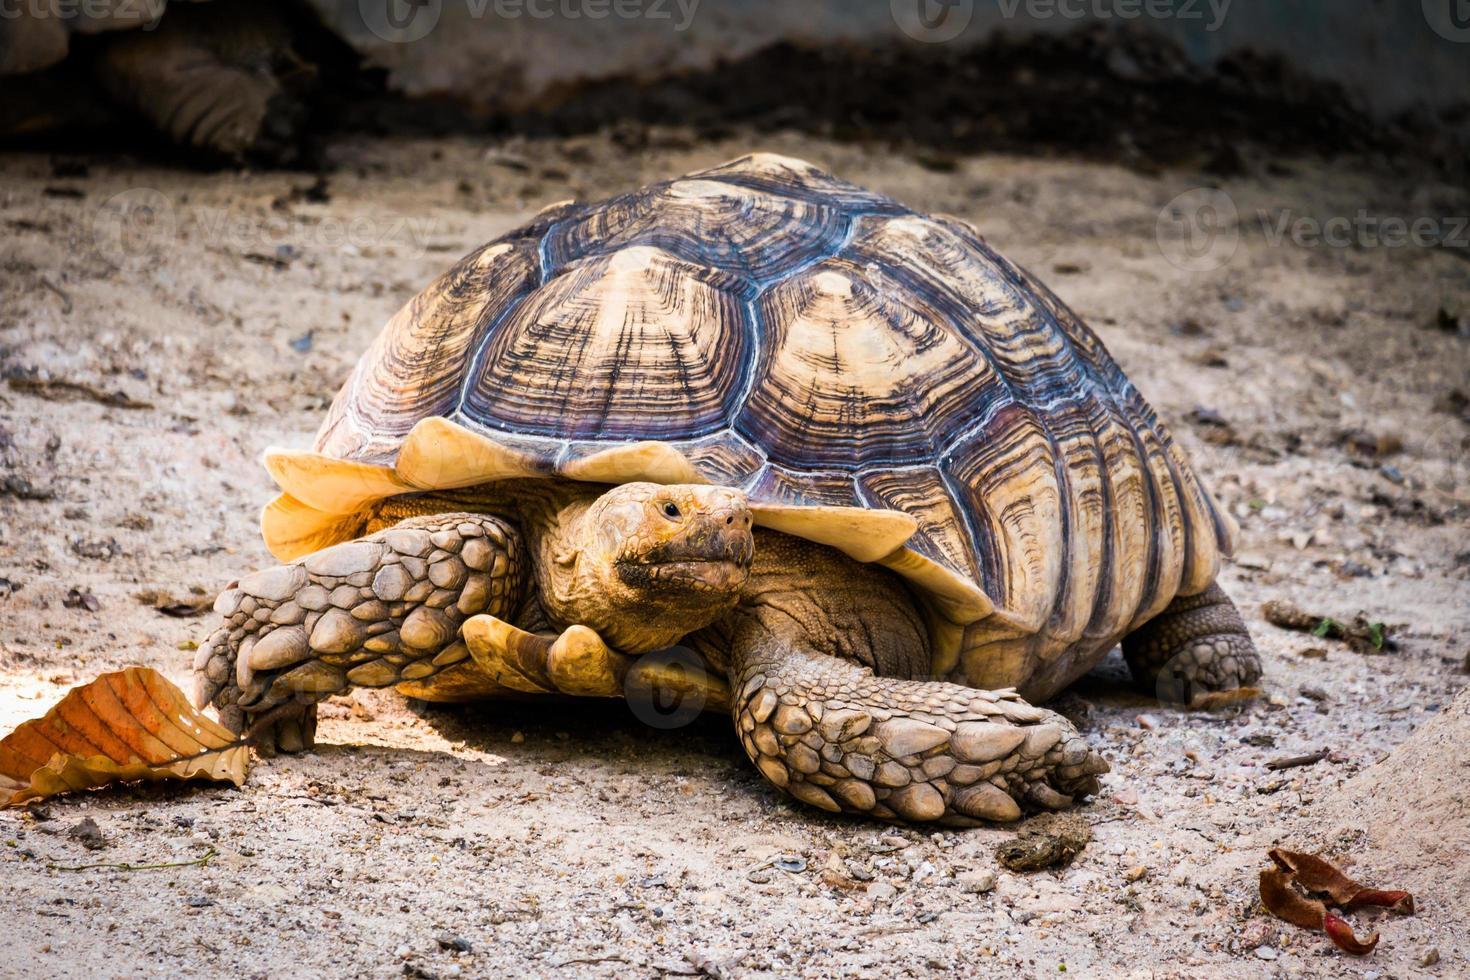 tortuga en la naturaleza foto